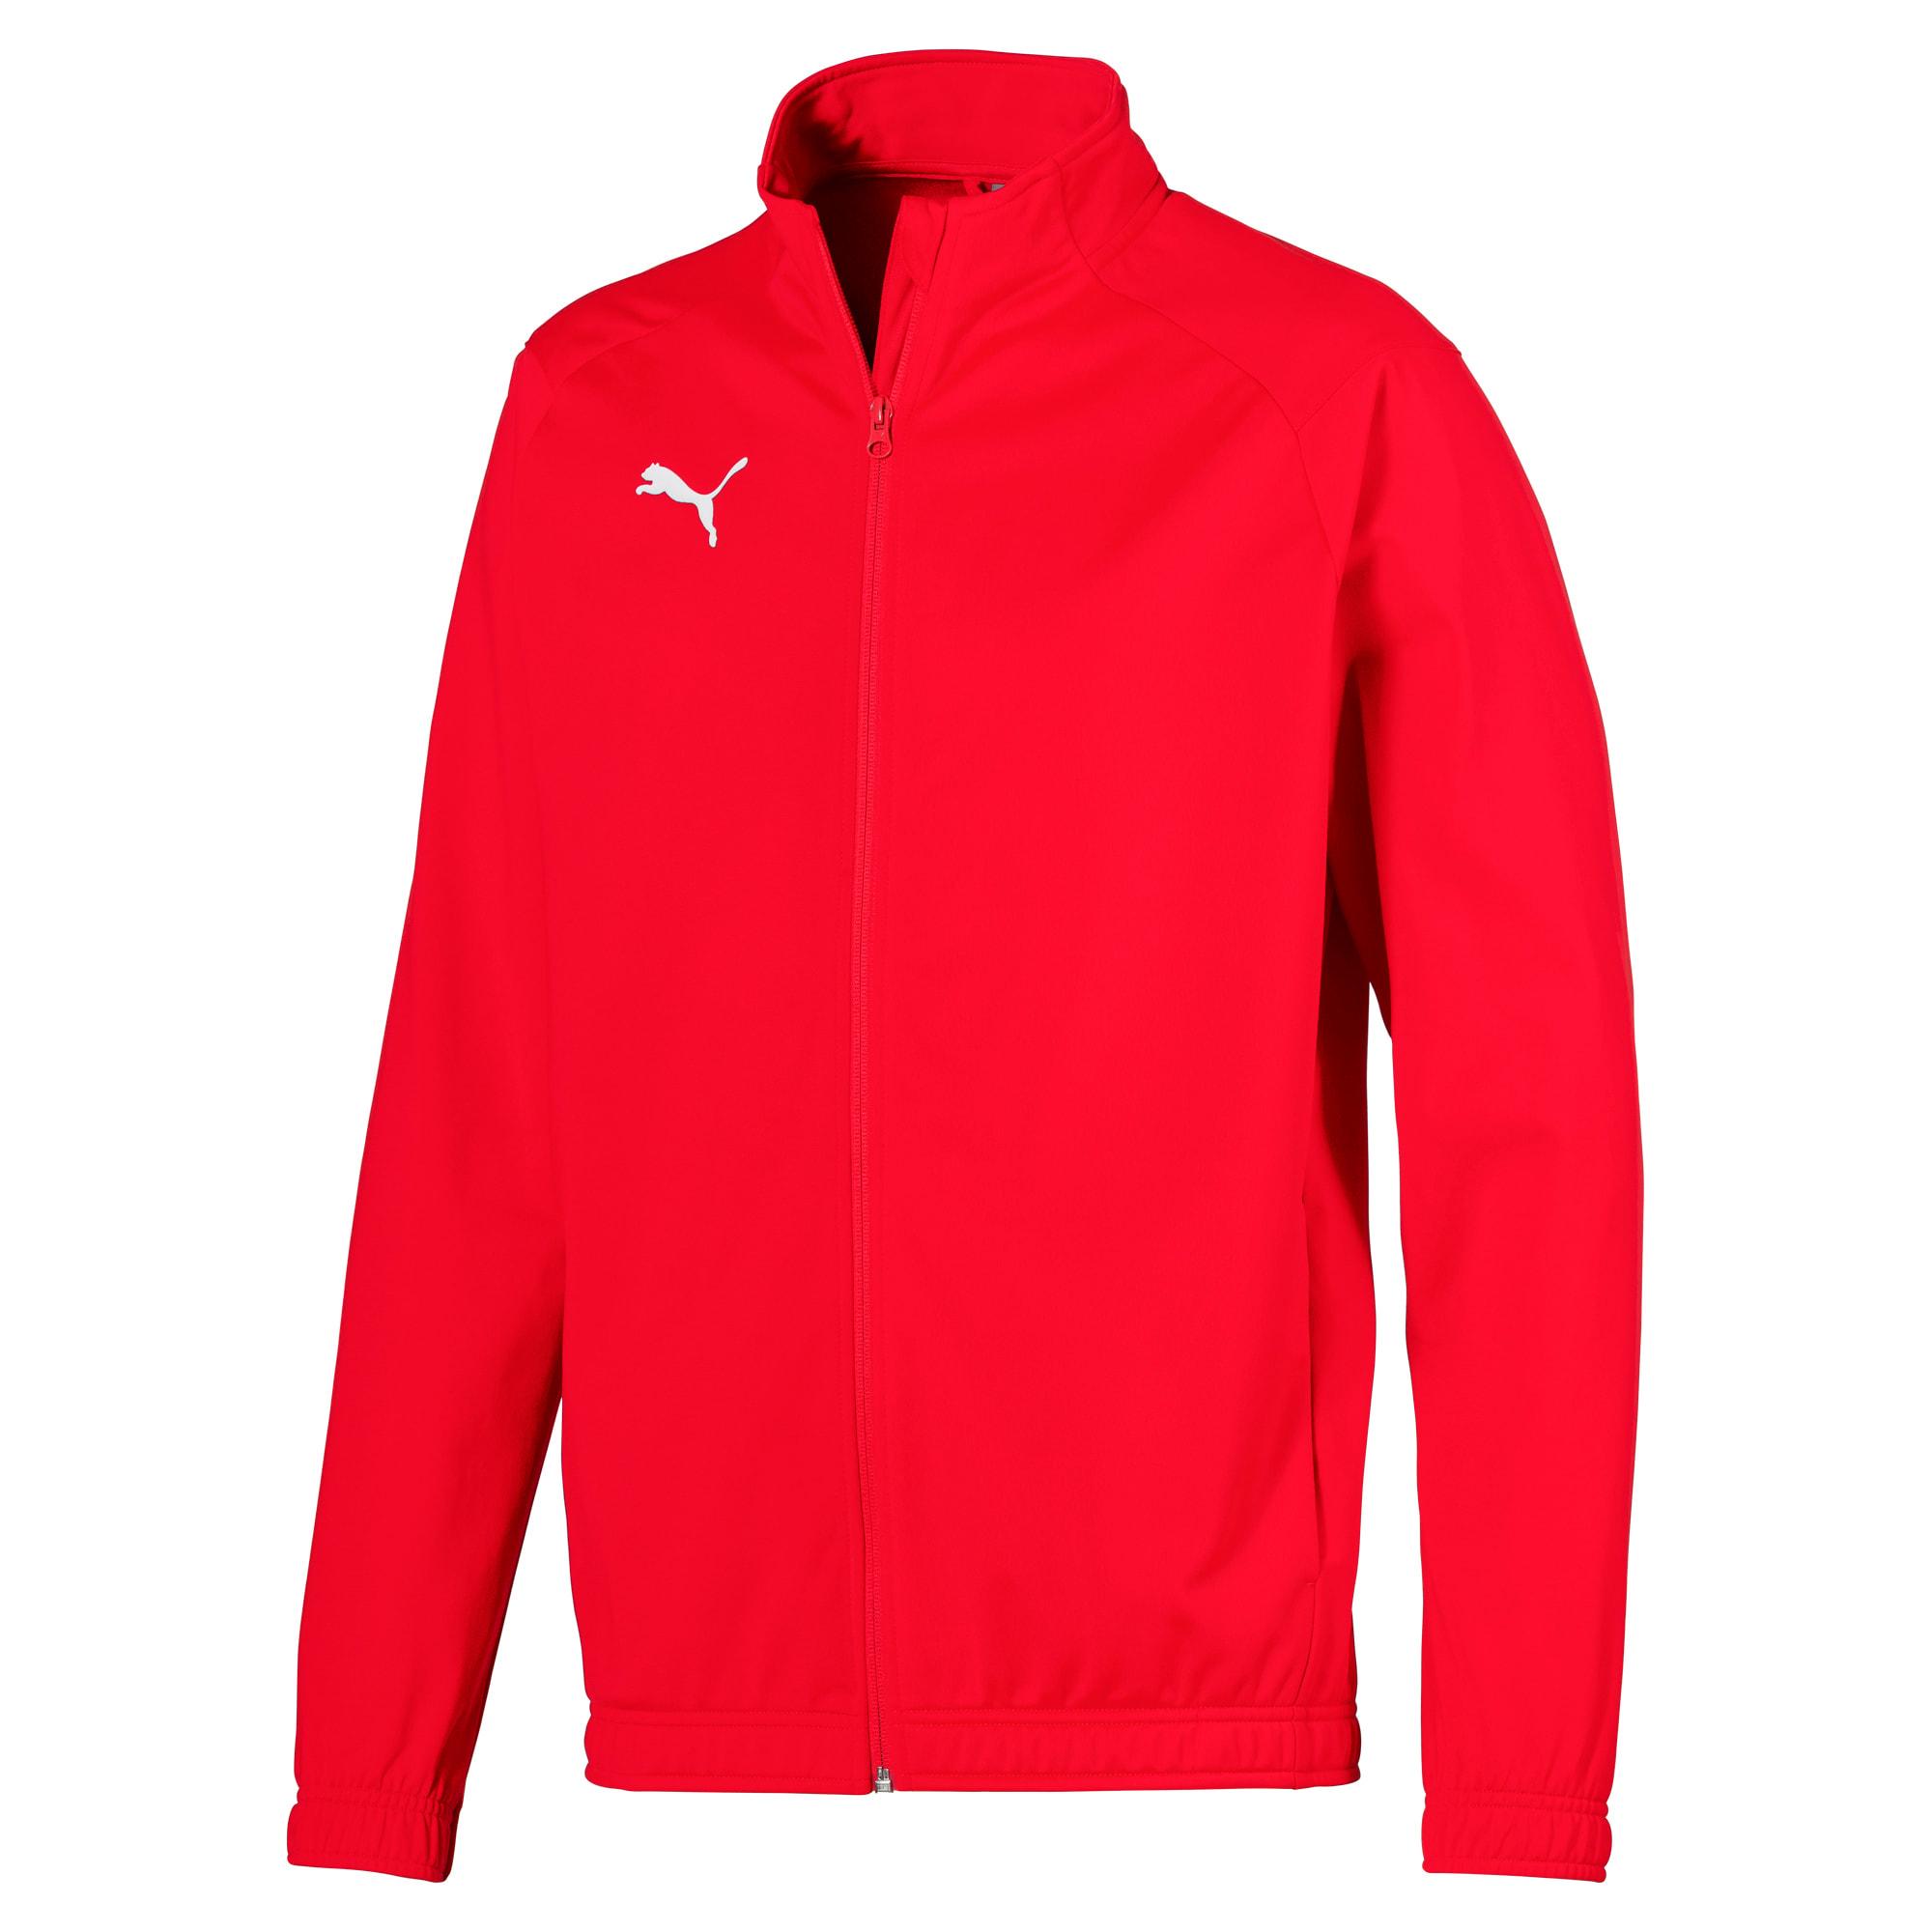 blouson de football liga sideline poly core pour homme, rouge/blanc, taille s, vêtements